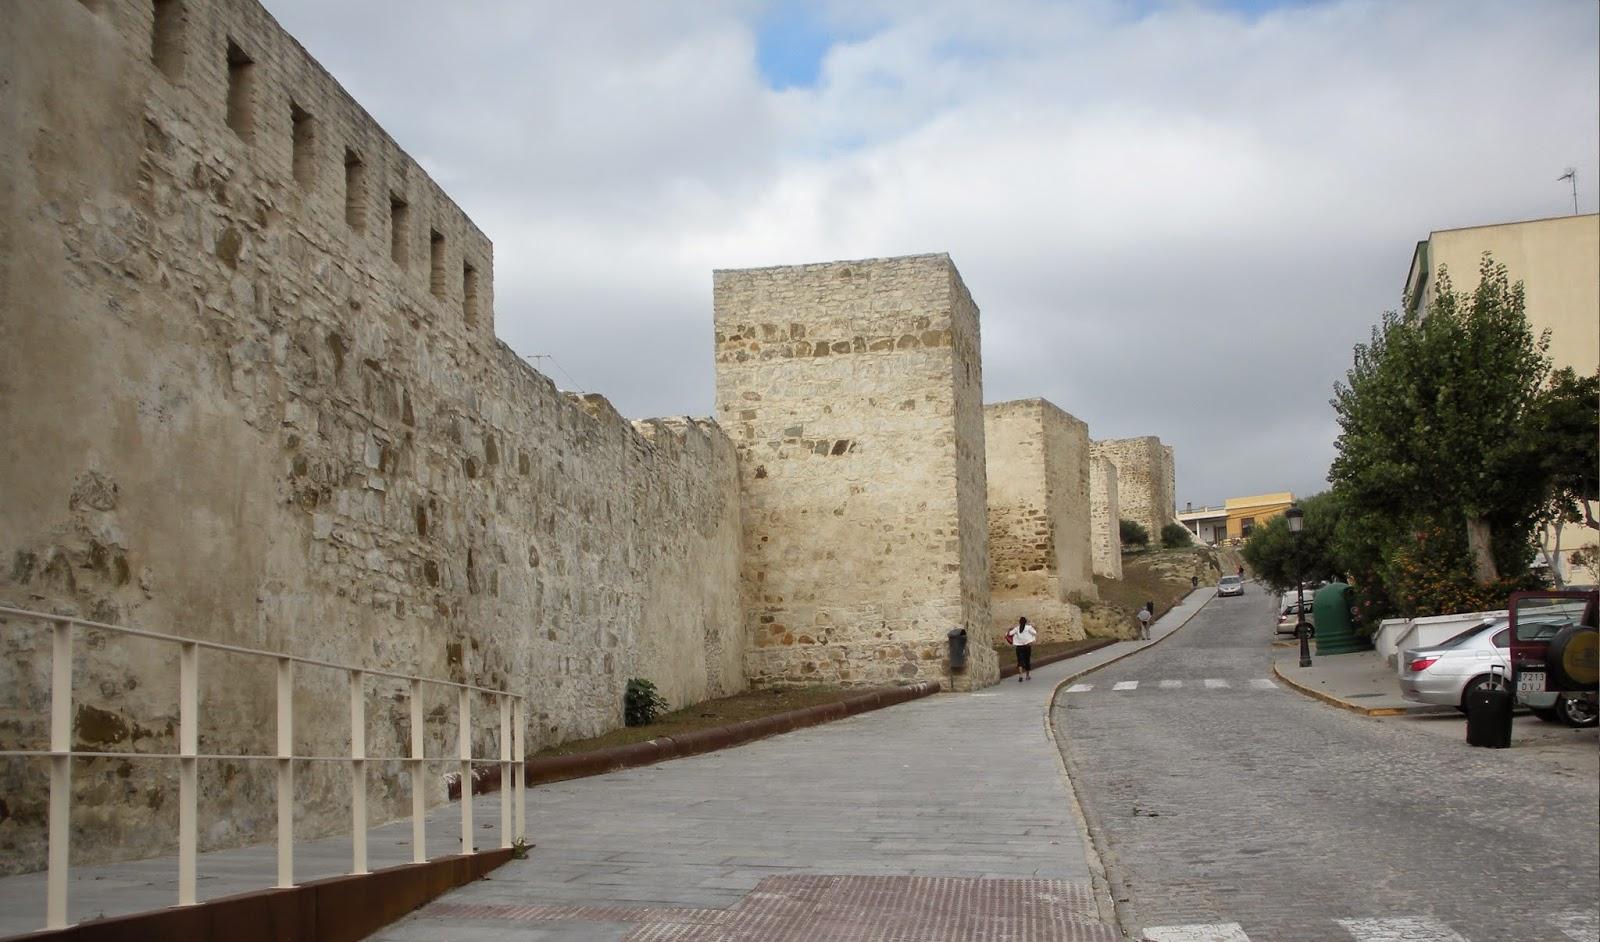 Las murallas de Tarifa, Cádiz